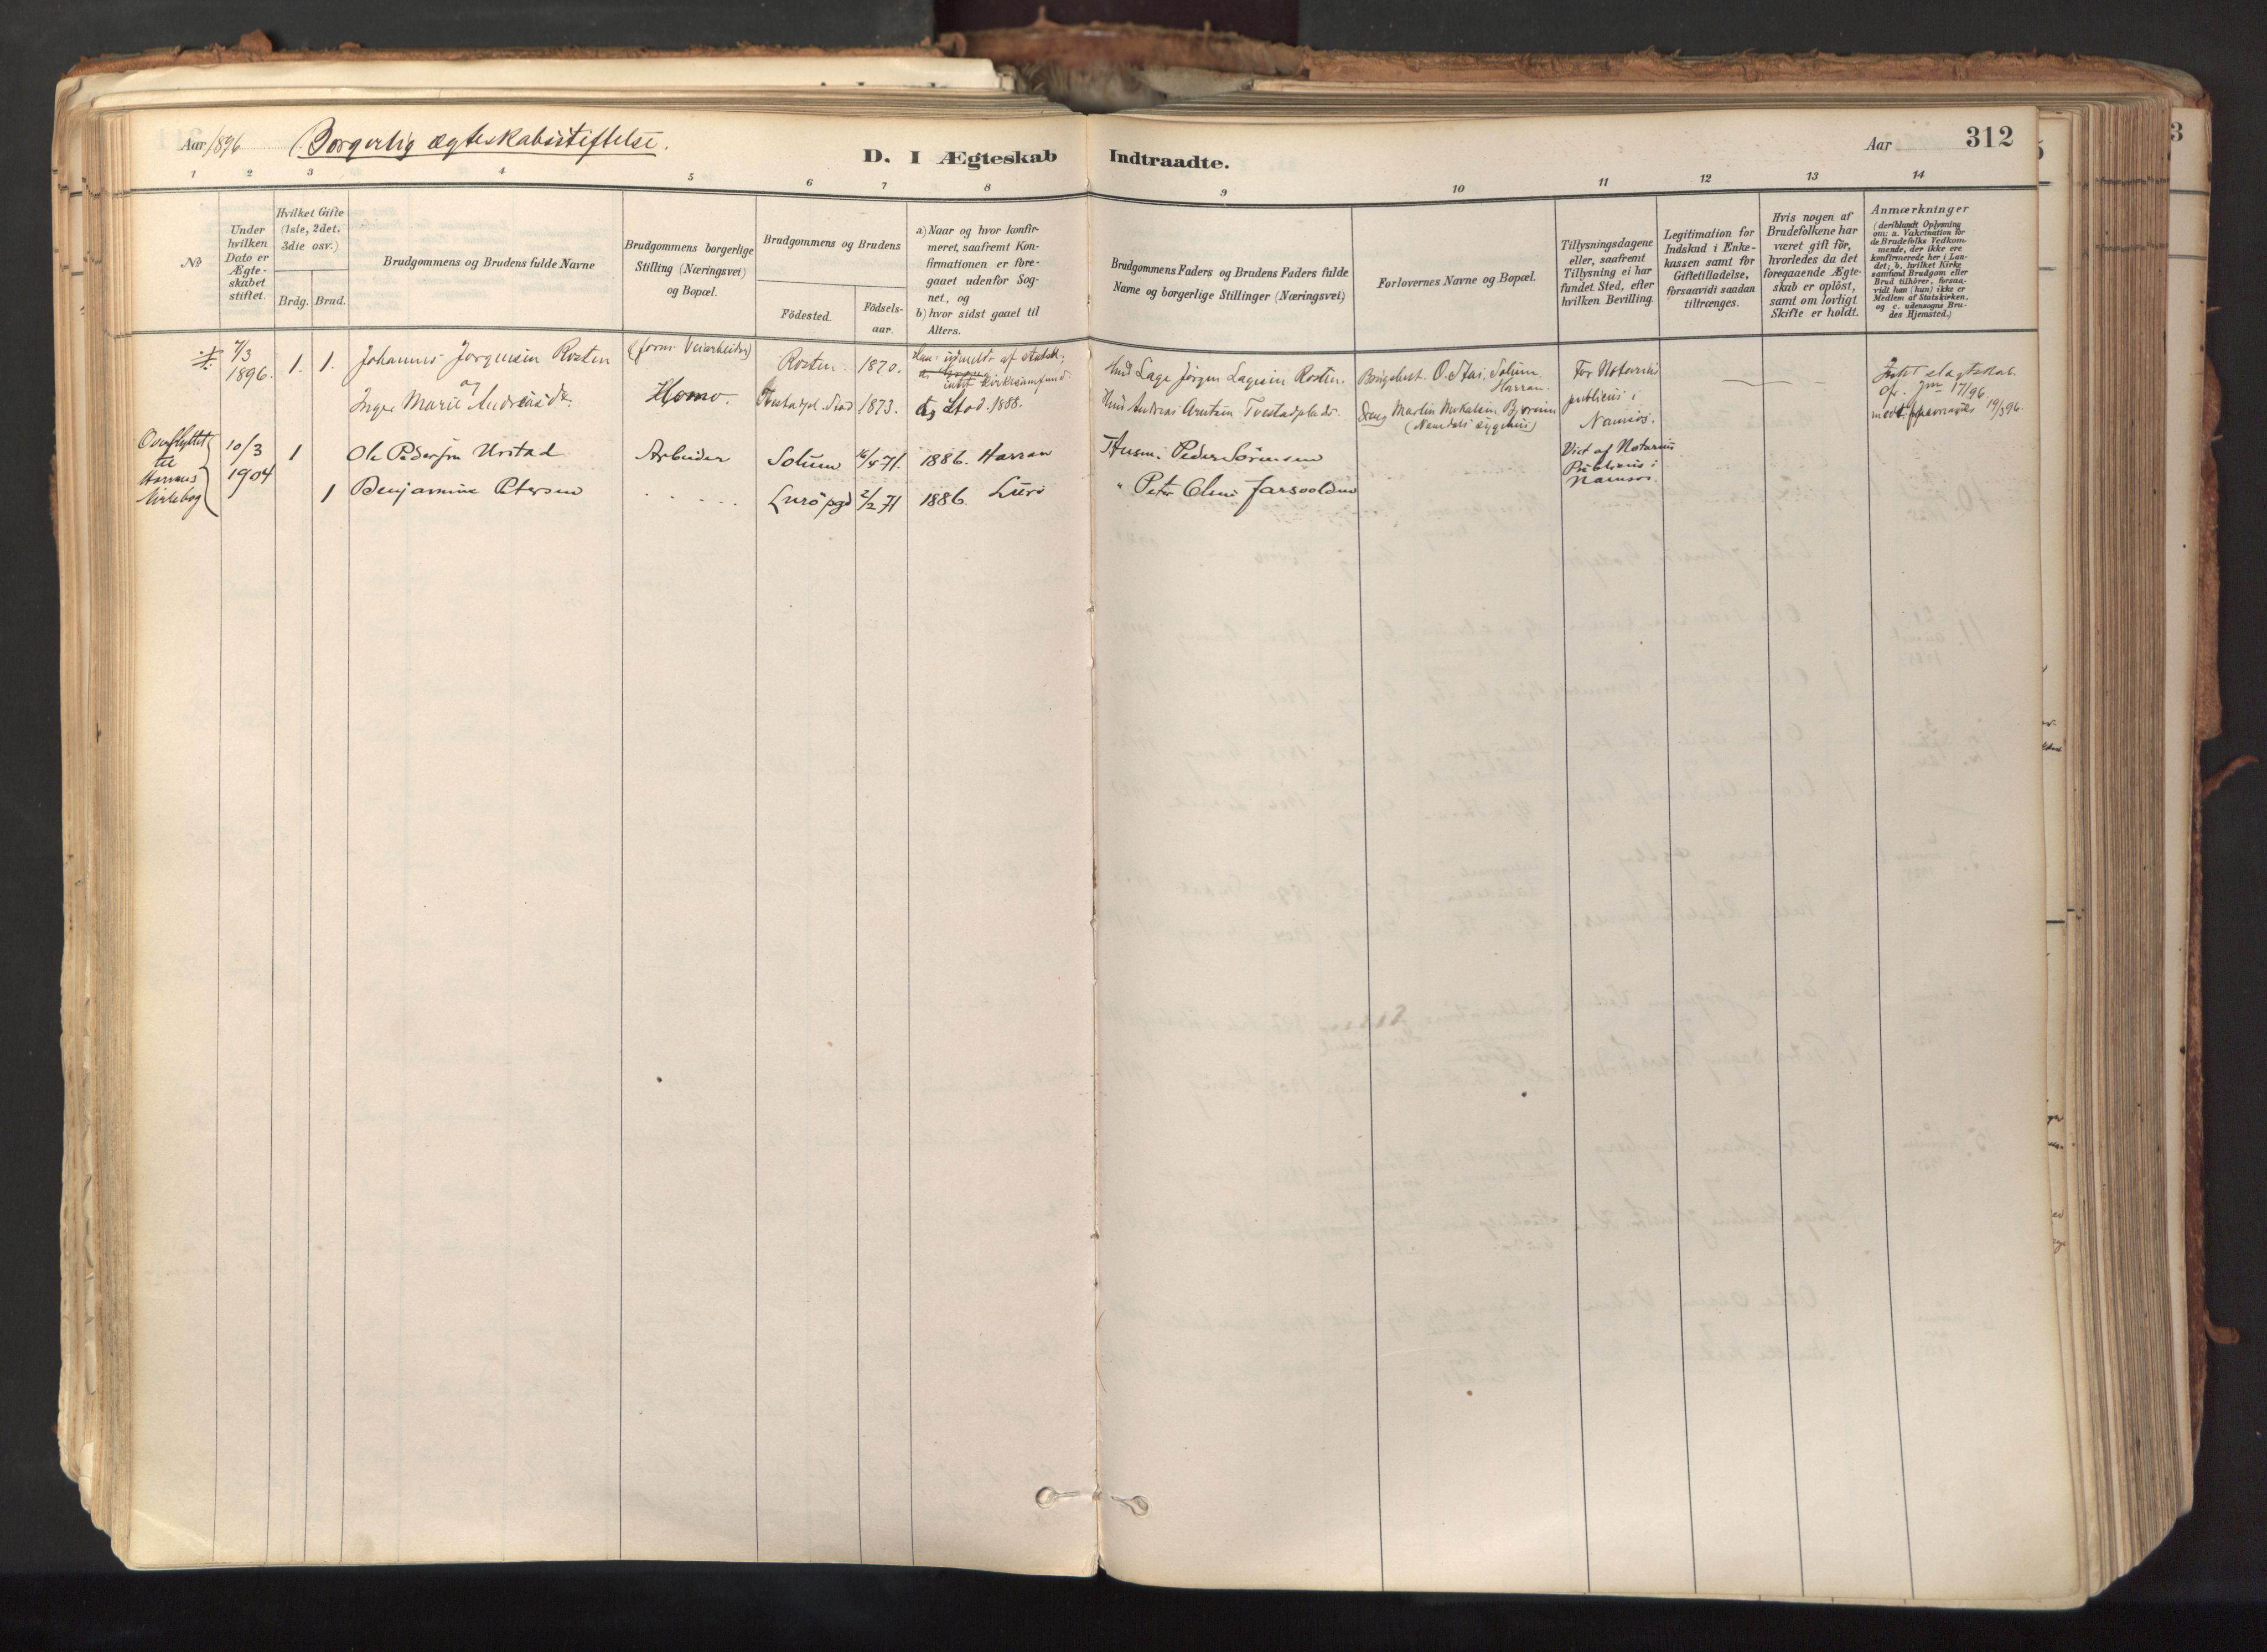 SAT, Ministerialprotokoller, klokkerbøker og fødselsregistre - Nord-Trøndelag, 758/L0519: Ministerialbok nr. 758A04, 1880-1926, s. 312